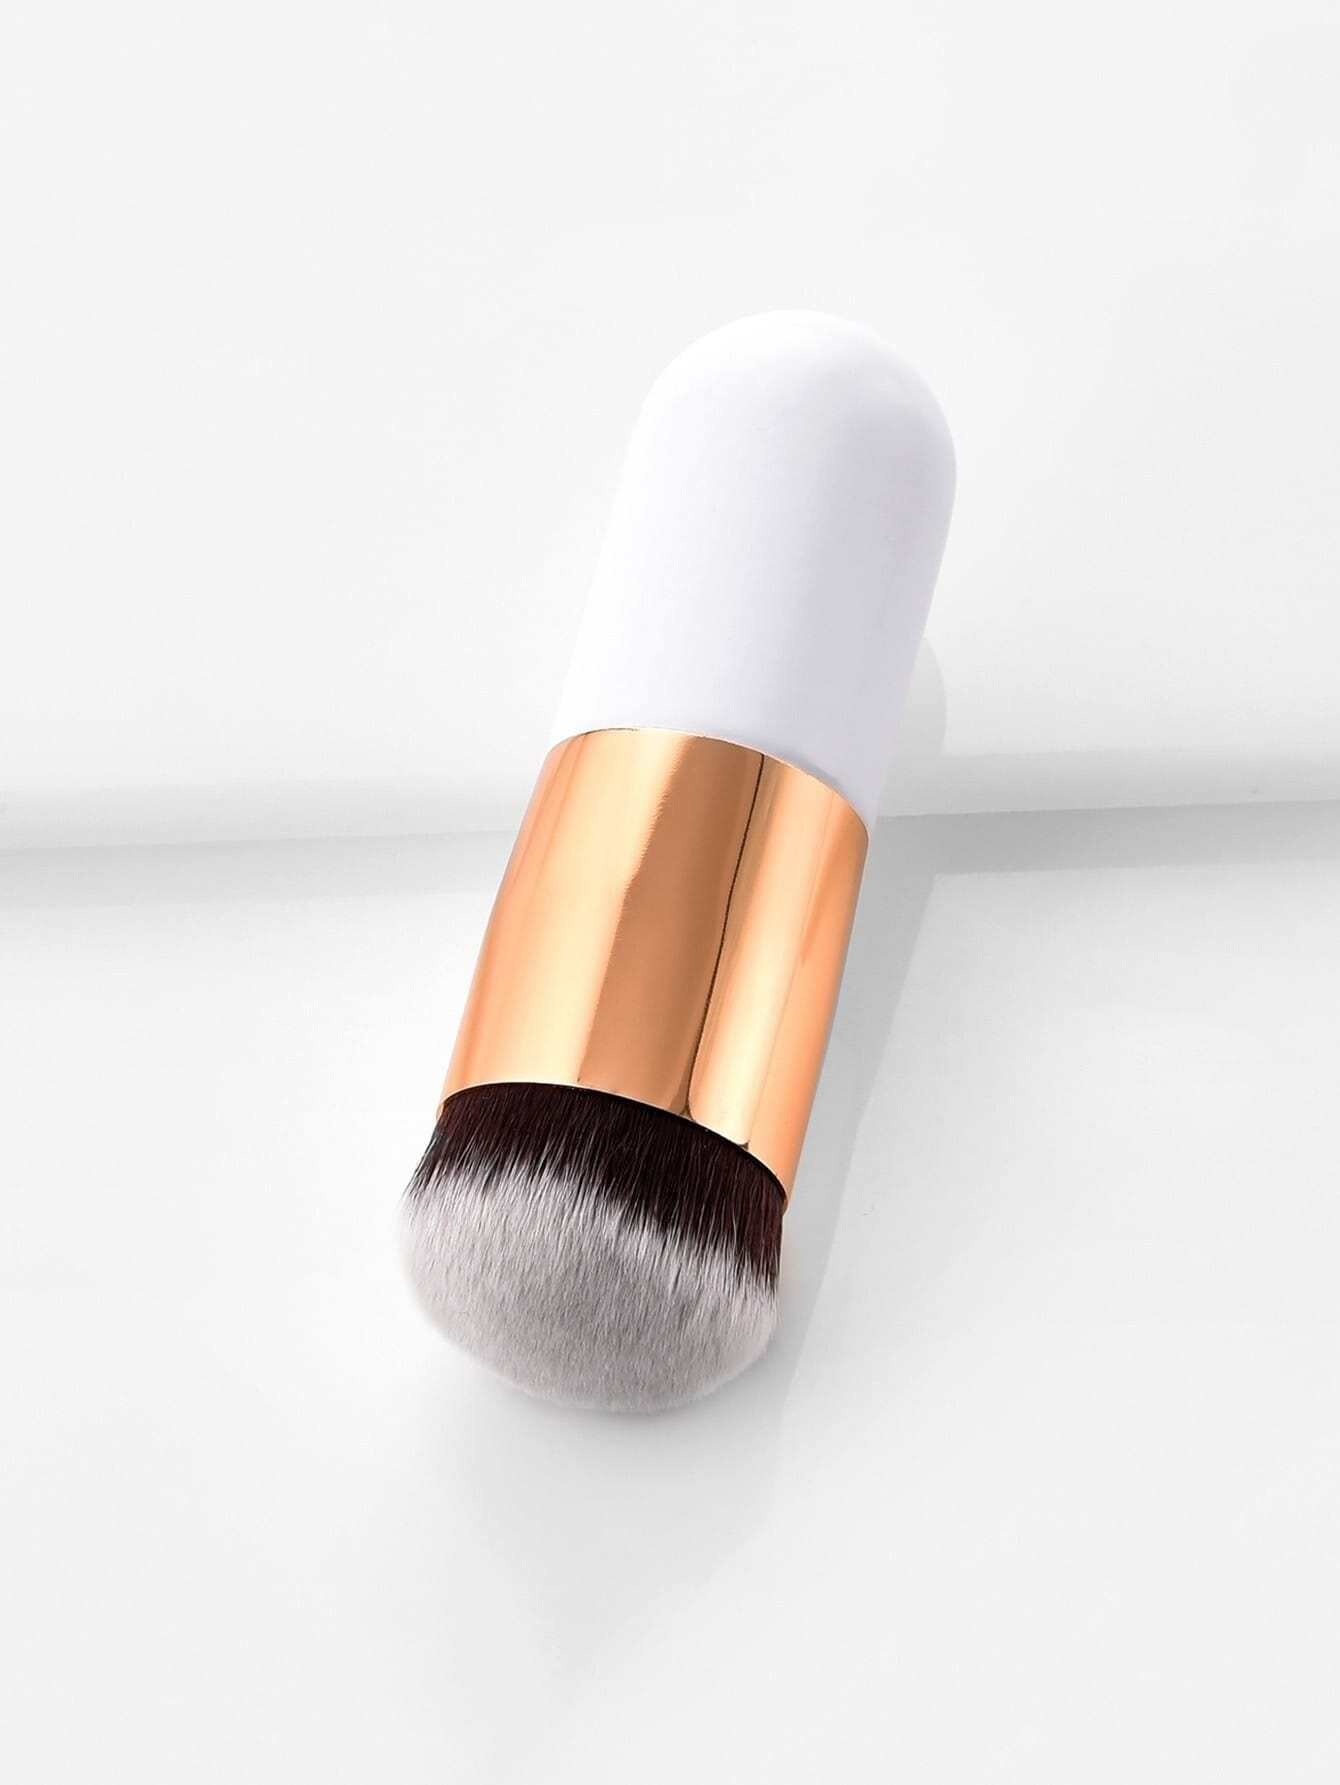 Chunky Handle Makeup Brush 1pcs ms2422 1pcs